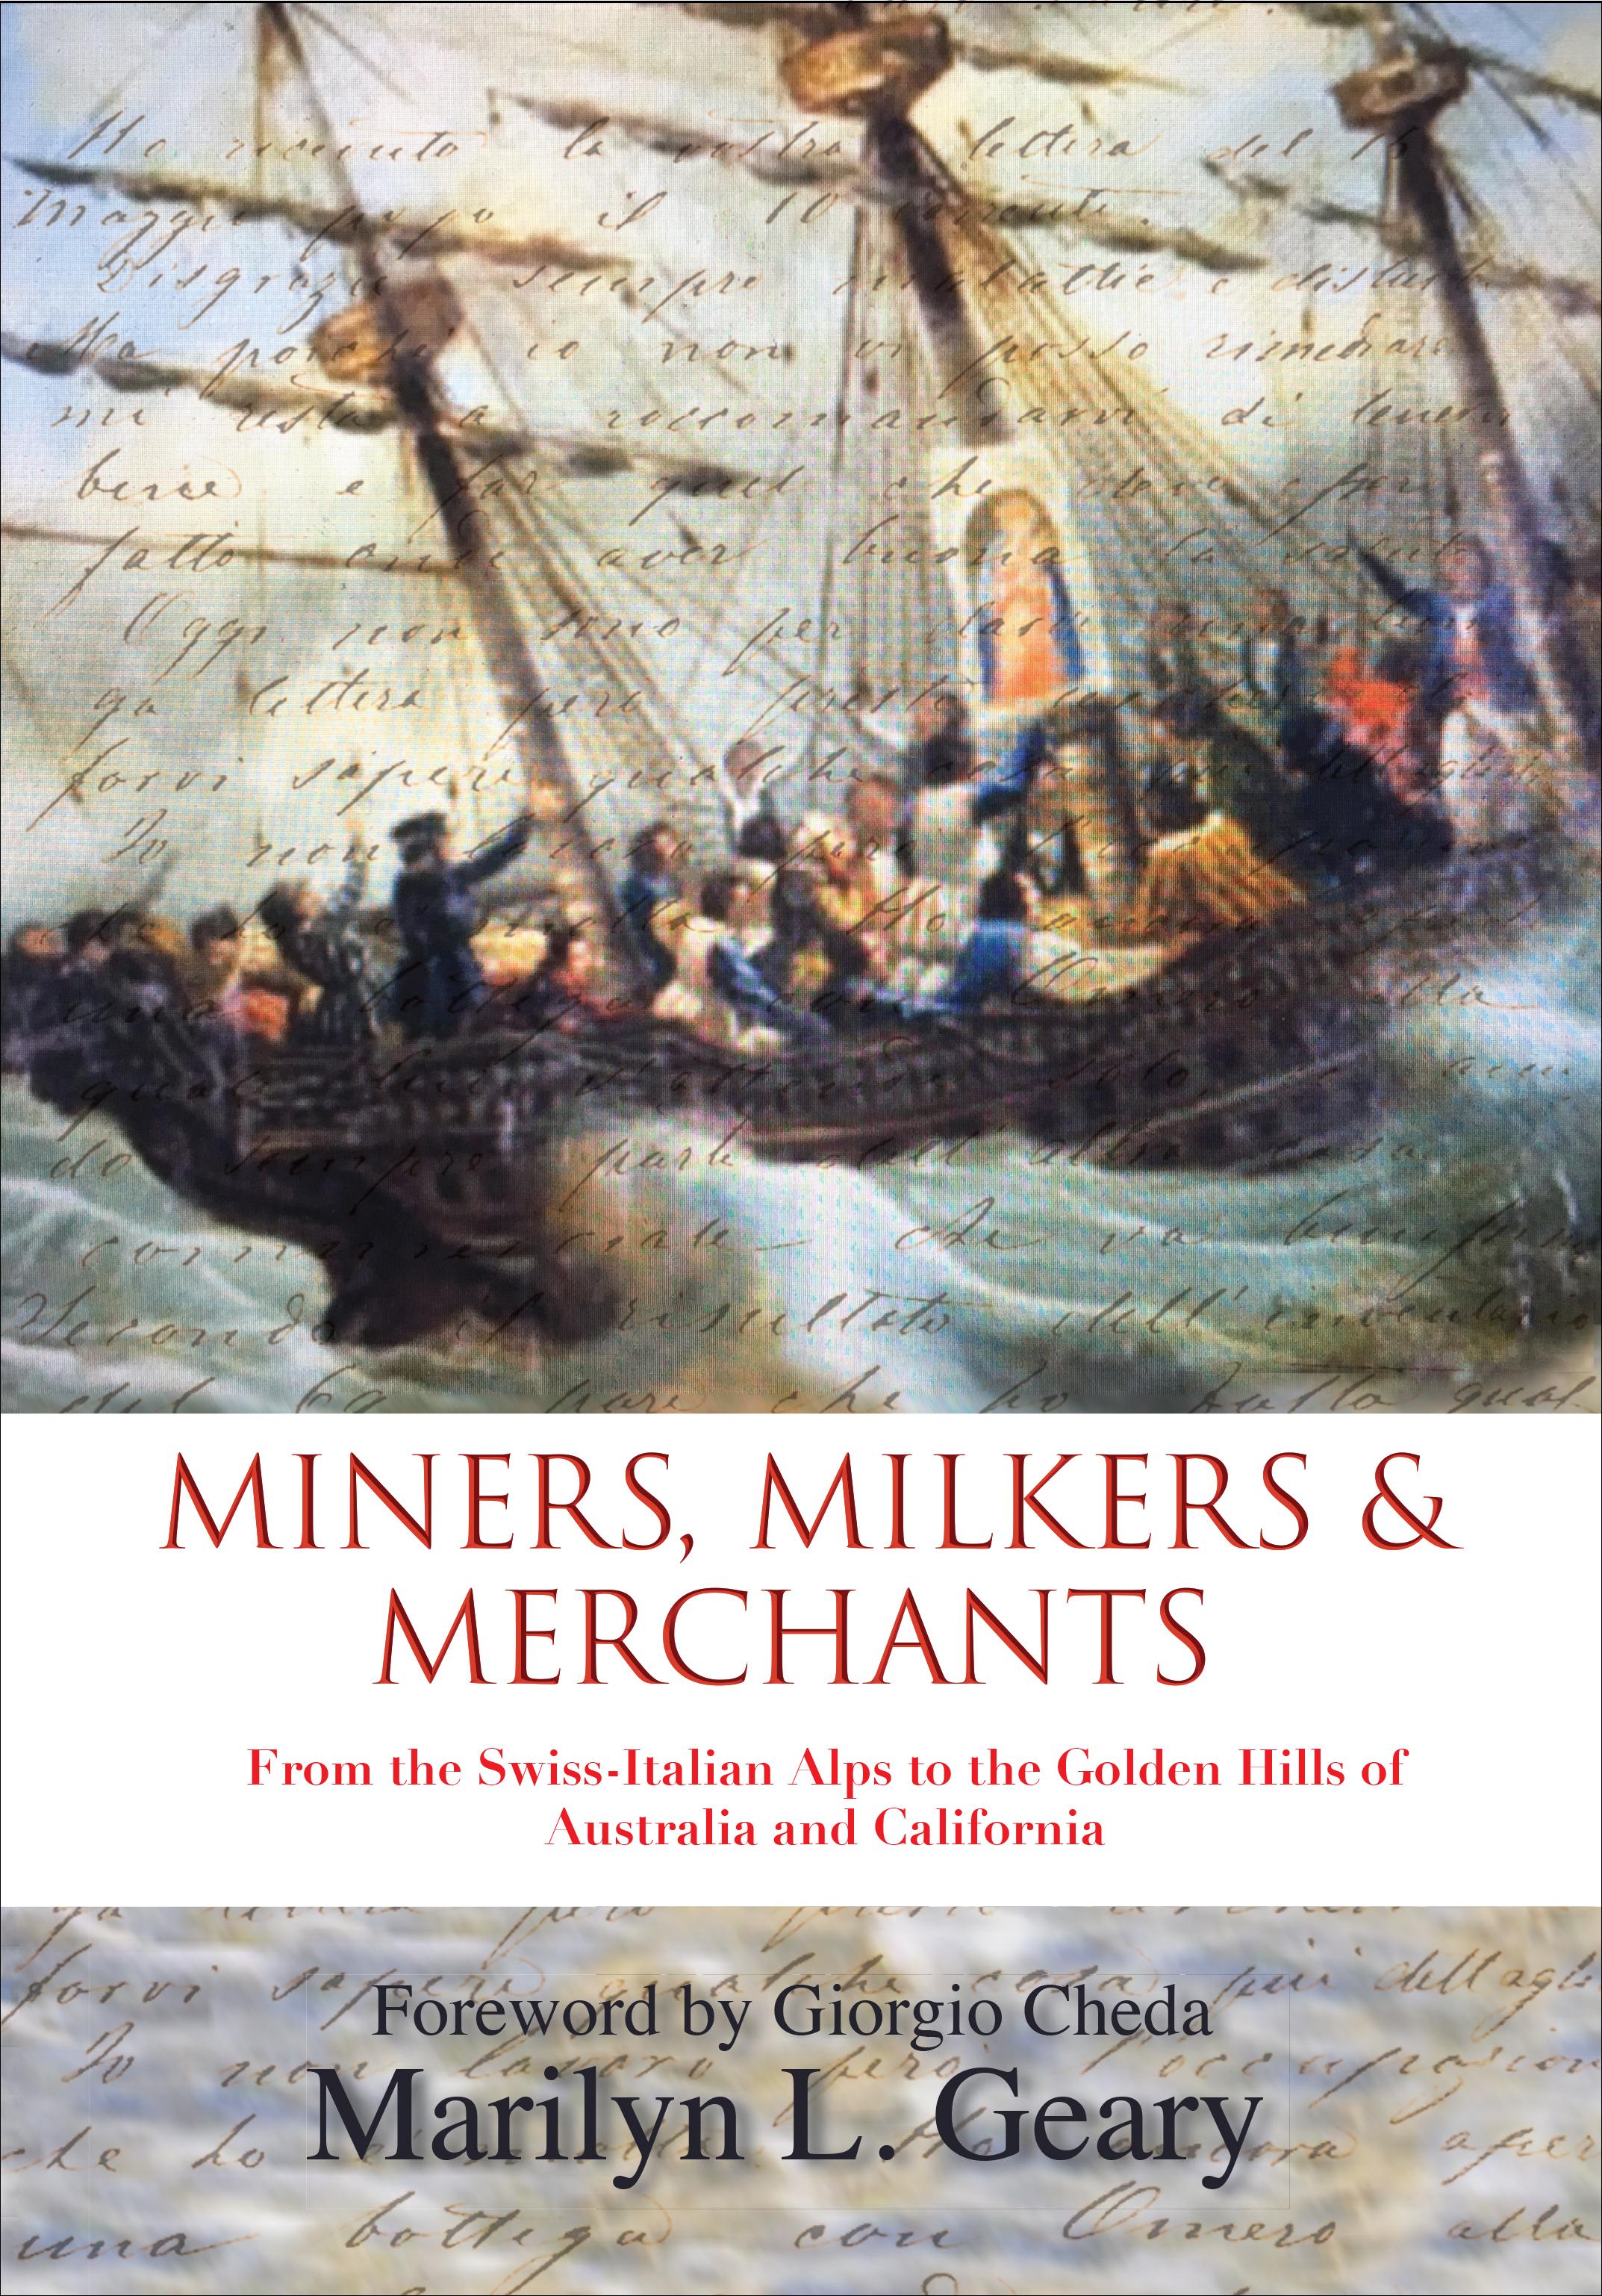 Miners, Milkers & Merchants